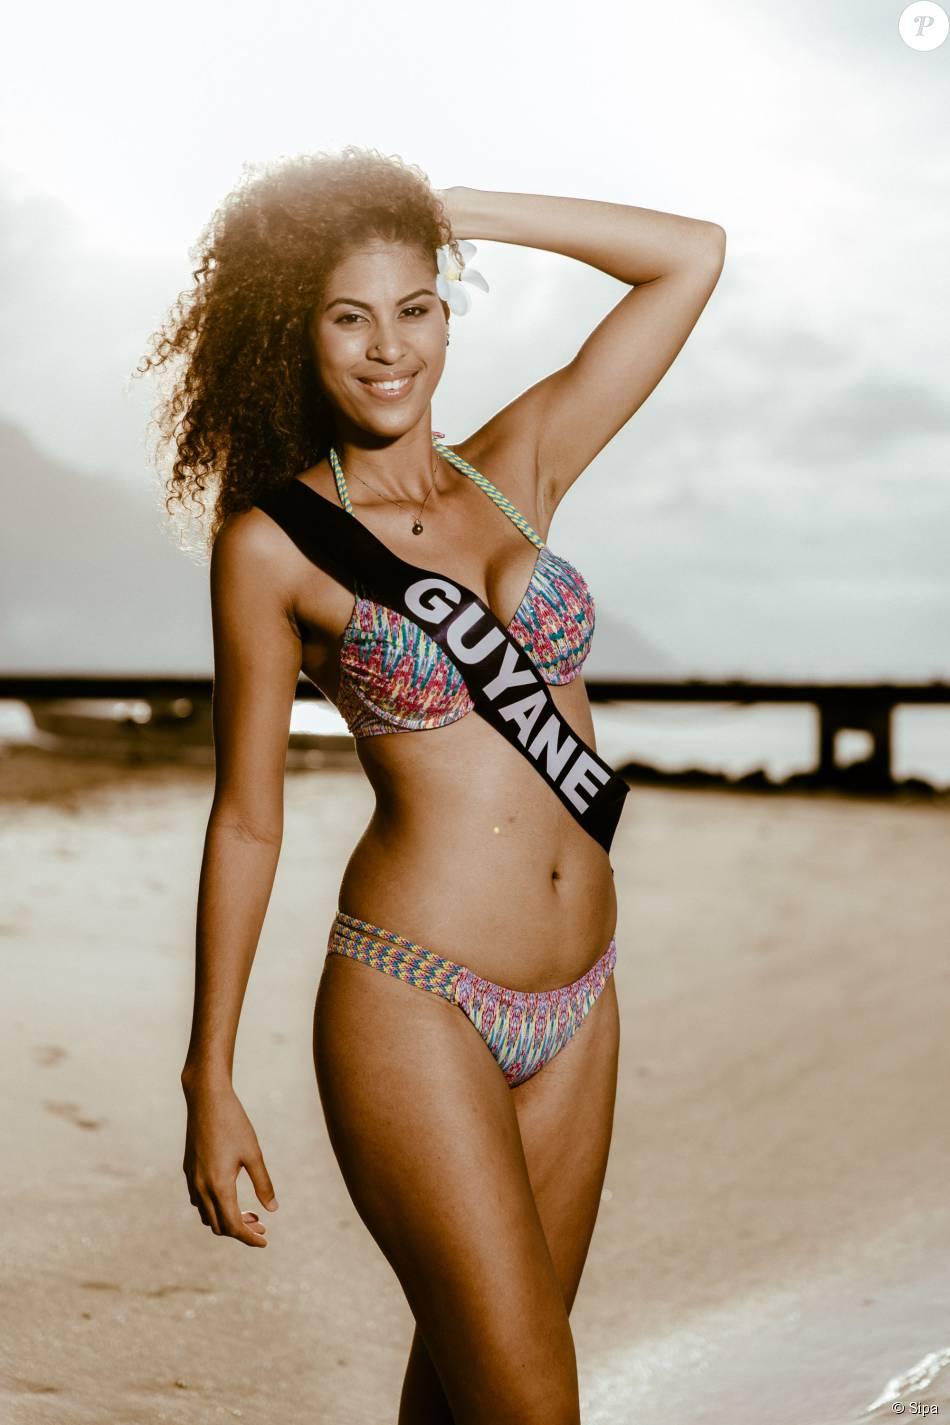 Miss france saurez vous passer le test de culture - Miss france guyane 2017 ...